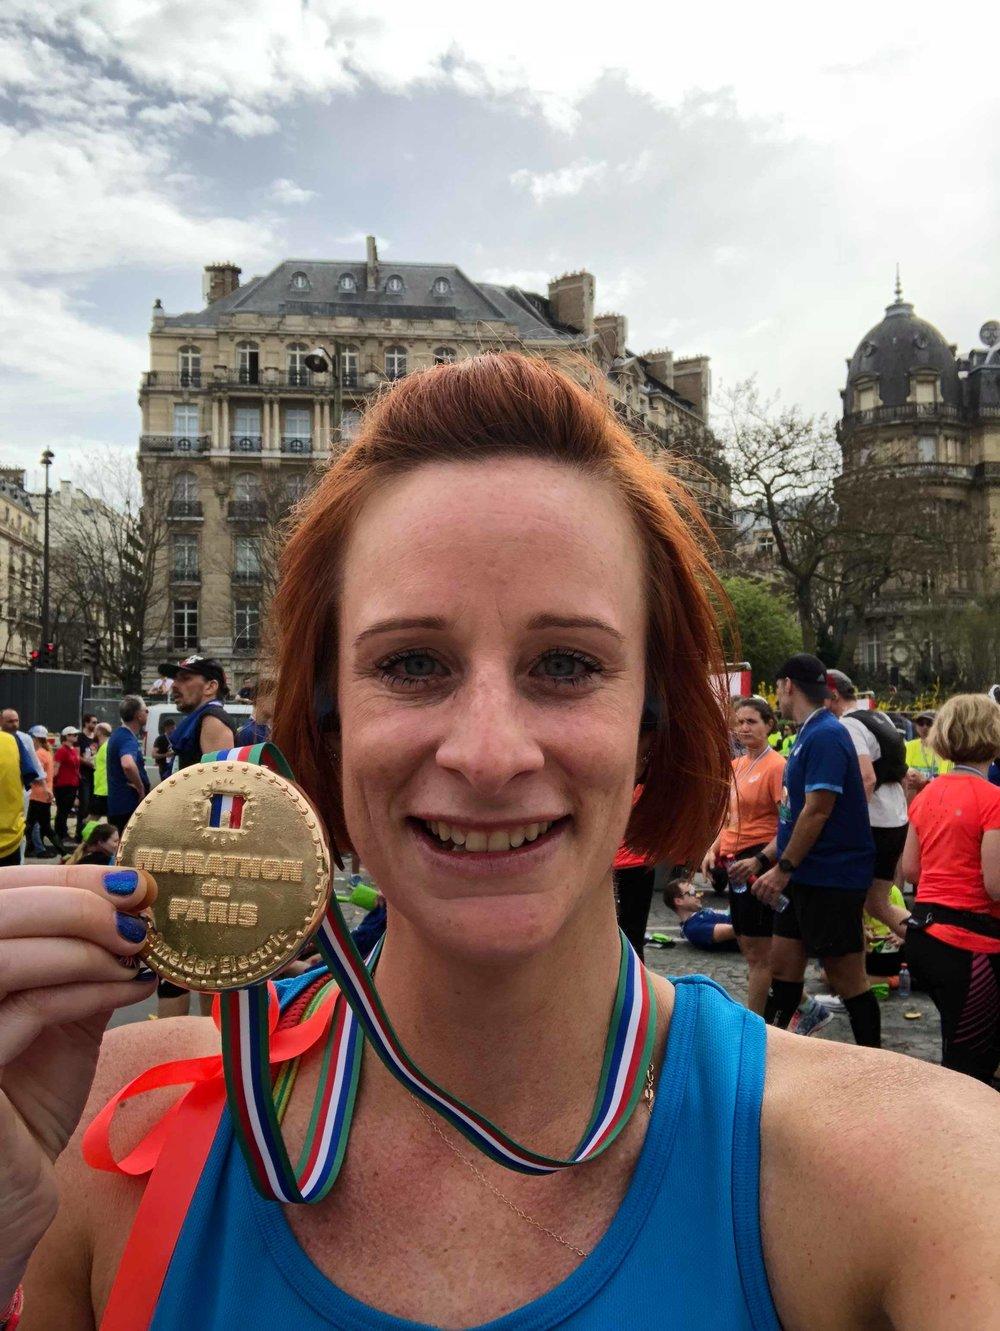 Finish Paris 2018